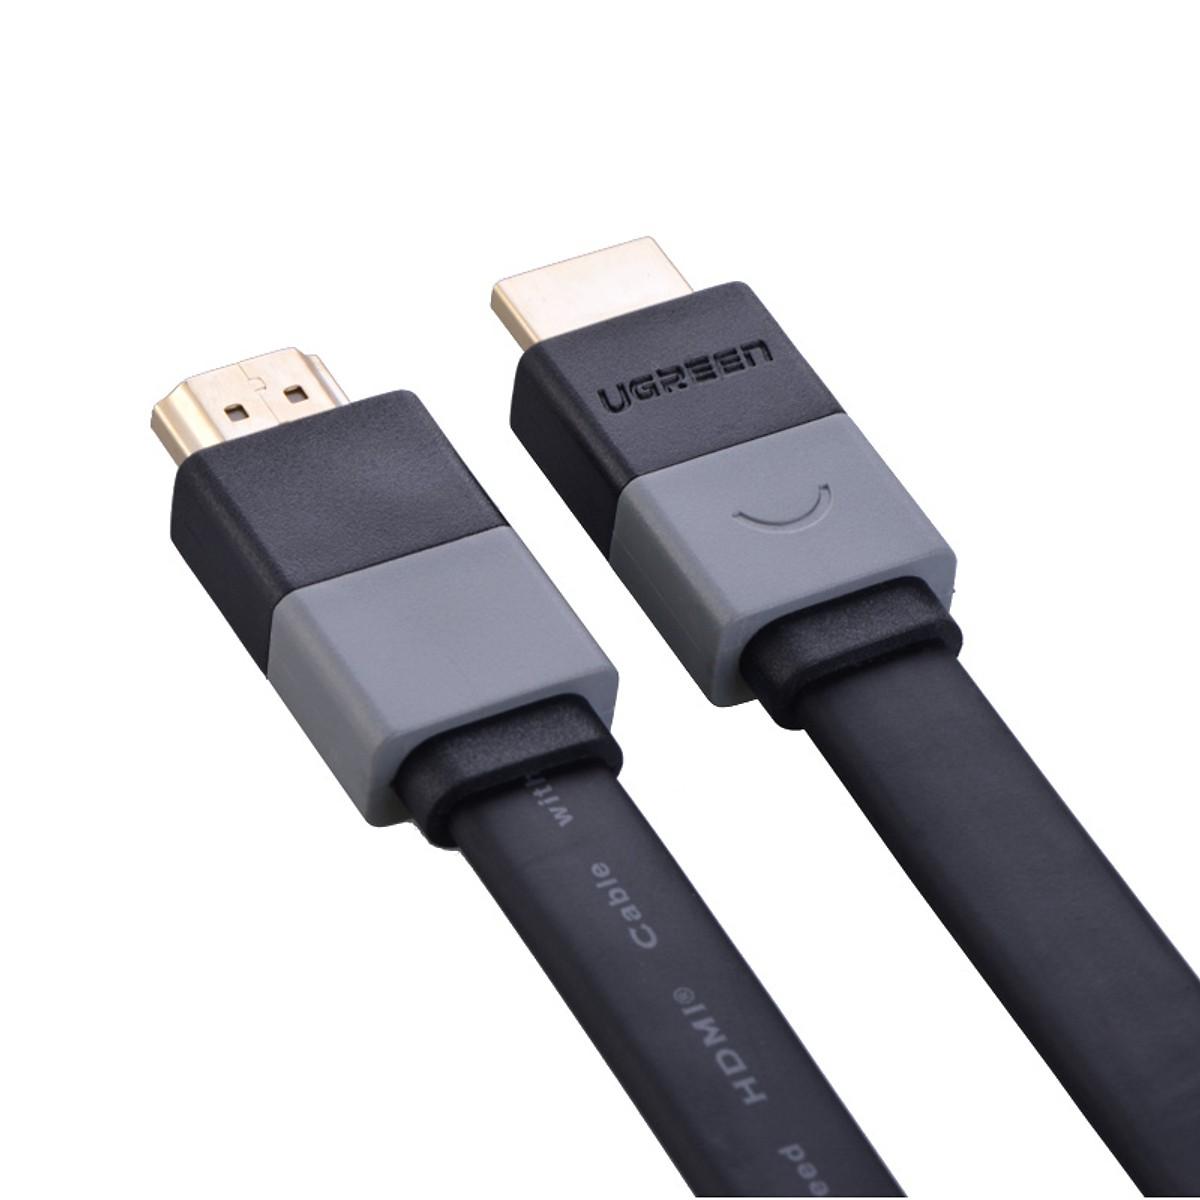 Cáp HDMI Dẹt Lõi đồng dài 1,5m Ugreen - Hàng Chính Hãng